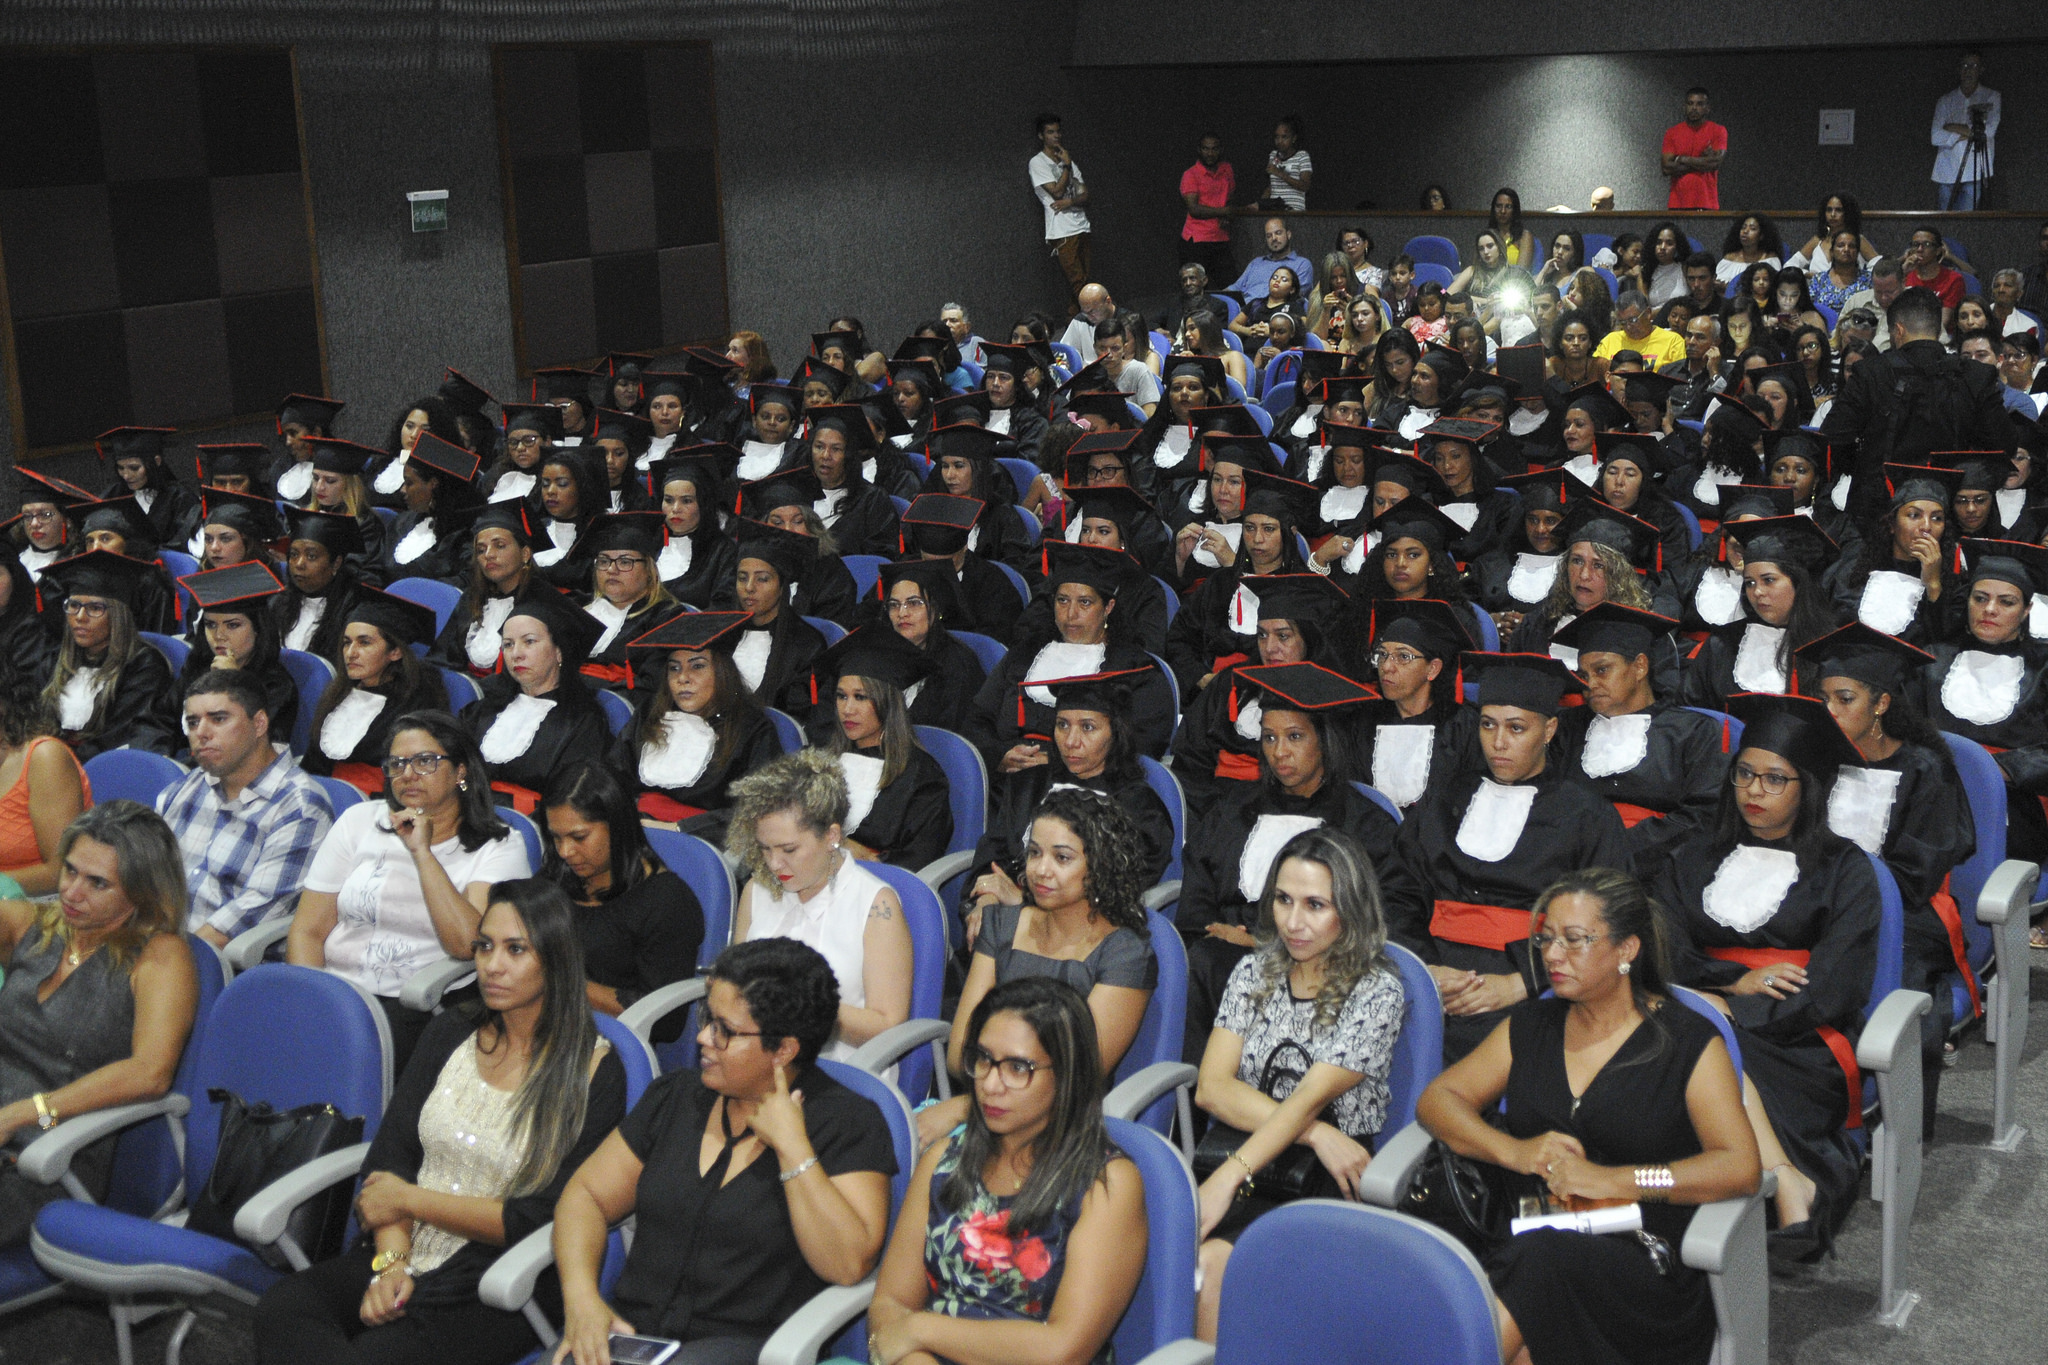 Firmada, em 2016, parceria entre a Secretaria de Educação e a Secretaria de Trabalho, Desenvolvimento Social, Mulheres, Igualdade Racial e Direitos Humanos para, por meio da Casa da Mulher Brasileira, visando direcionar 397 mulheres para cursos do Pronatec Mulheres Mil. Foram ofertados, também, duas turmas de recolocação profissional, beneficiando 49 mulheres atendidas na Casa da Mulher Brasileira. </p> Em 2017, o atendimento foi ampliado para contemplar mulheres atendidas nos Centros Especializados de Atendimento à Mulher-CEAM e nos equipamentos da Assistência Social, como os Centros de Referência de Assistência Social-CRAs. No ano de 2017 foram capacitadas 945 mulheres e em 2018 outras 215.